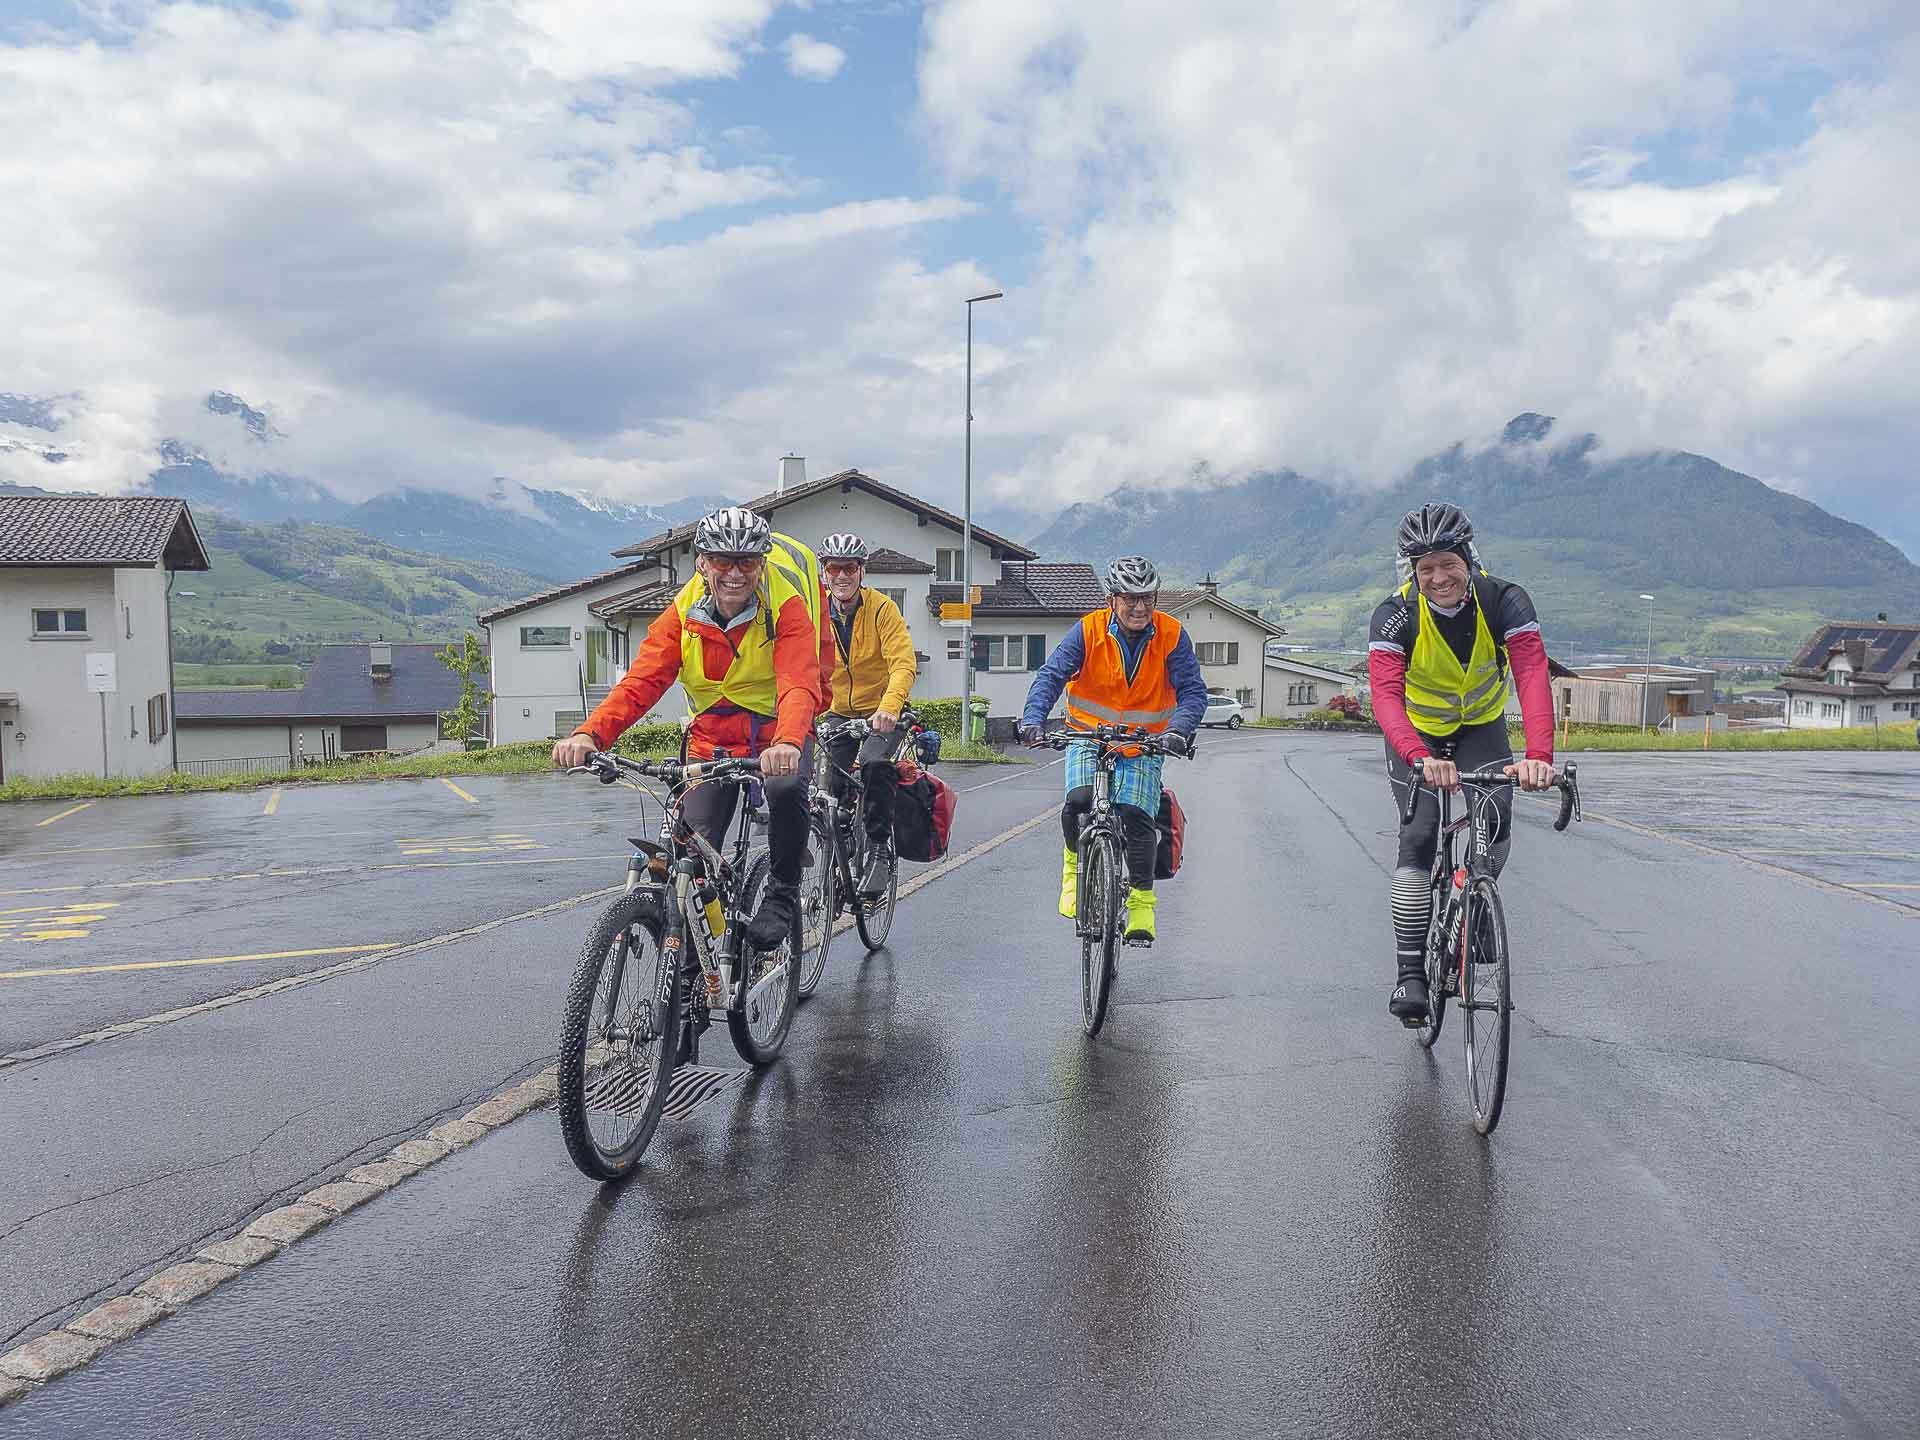 Vier Velowallfahrter am Fuss der Ibergeregg – fast 800 Höhenmeter haben sie hier noch vor sich. | © Dominik Thali